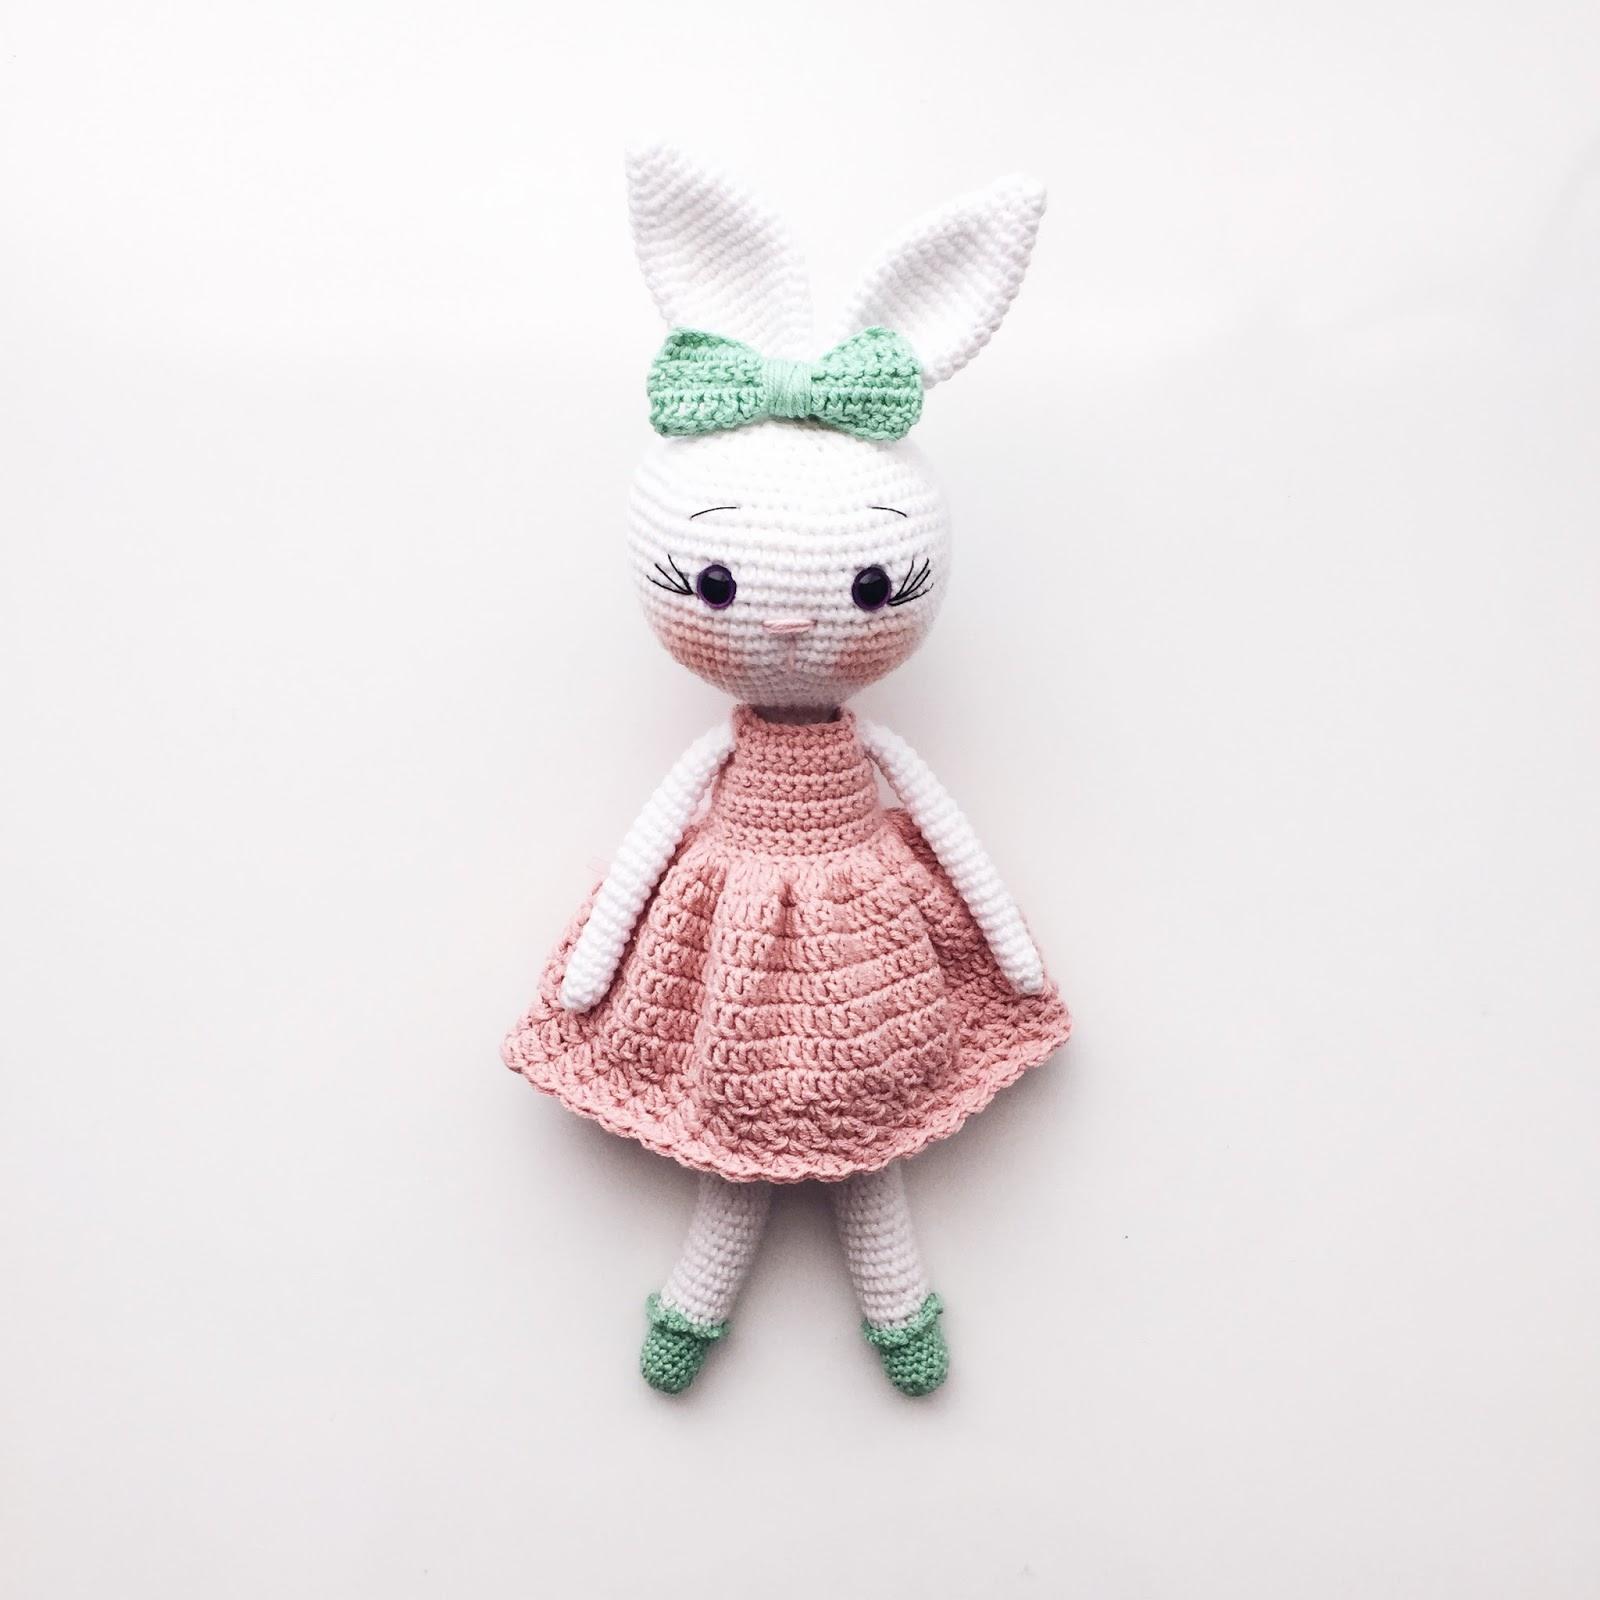 Amigurumi oyuncak bebek yapımı anlatımlı modelleri | 1600x1600